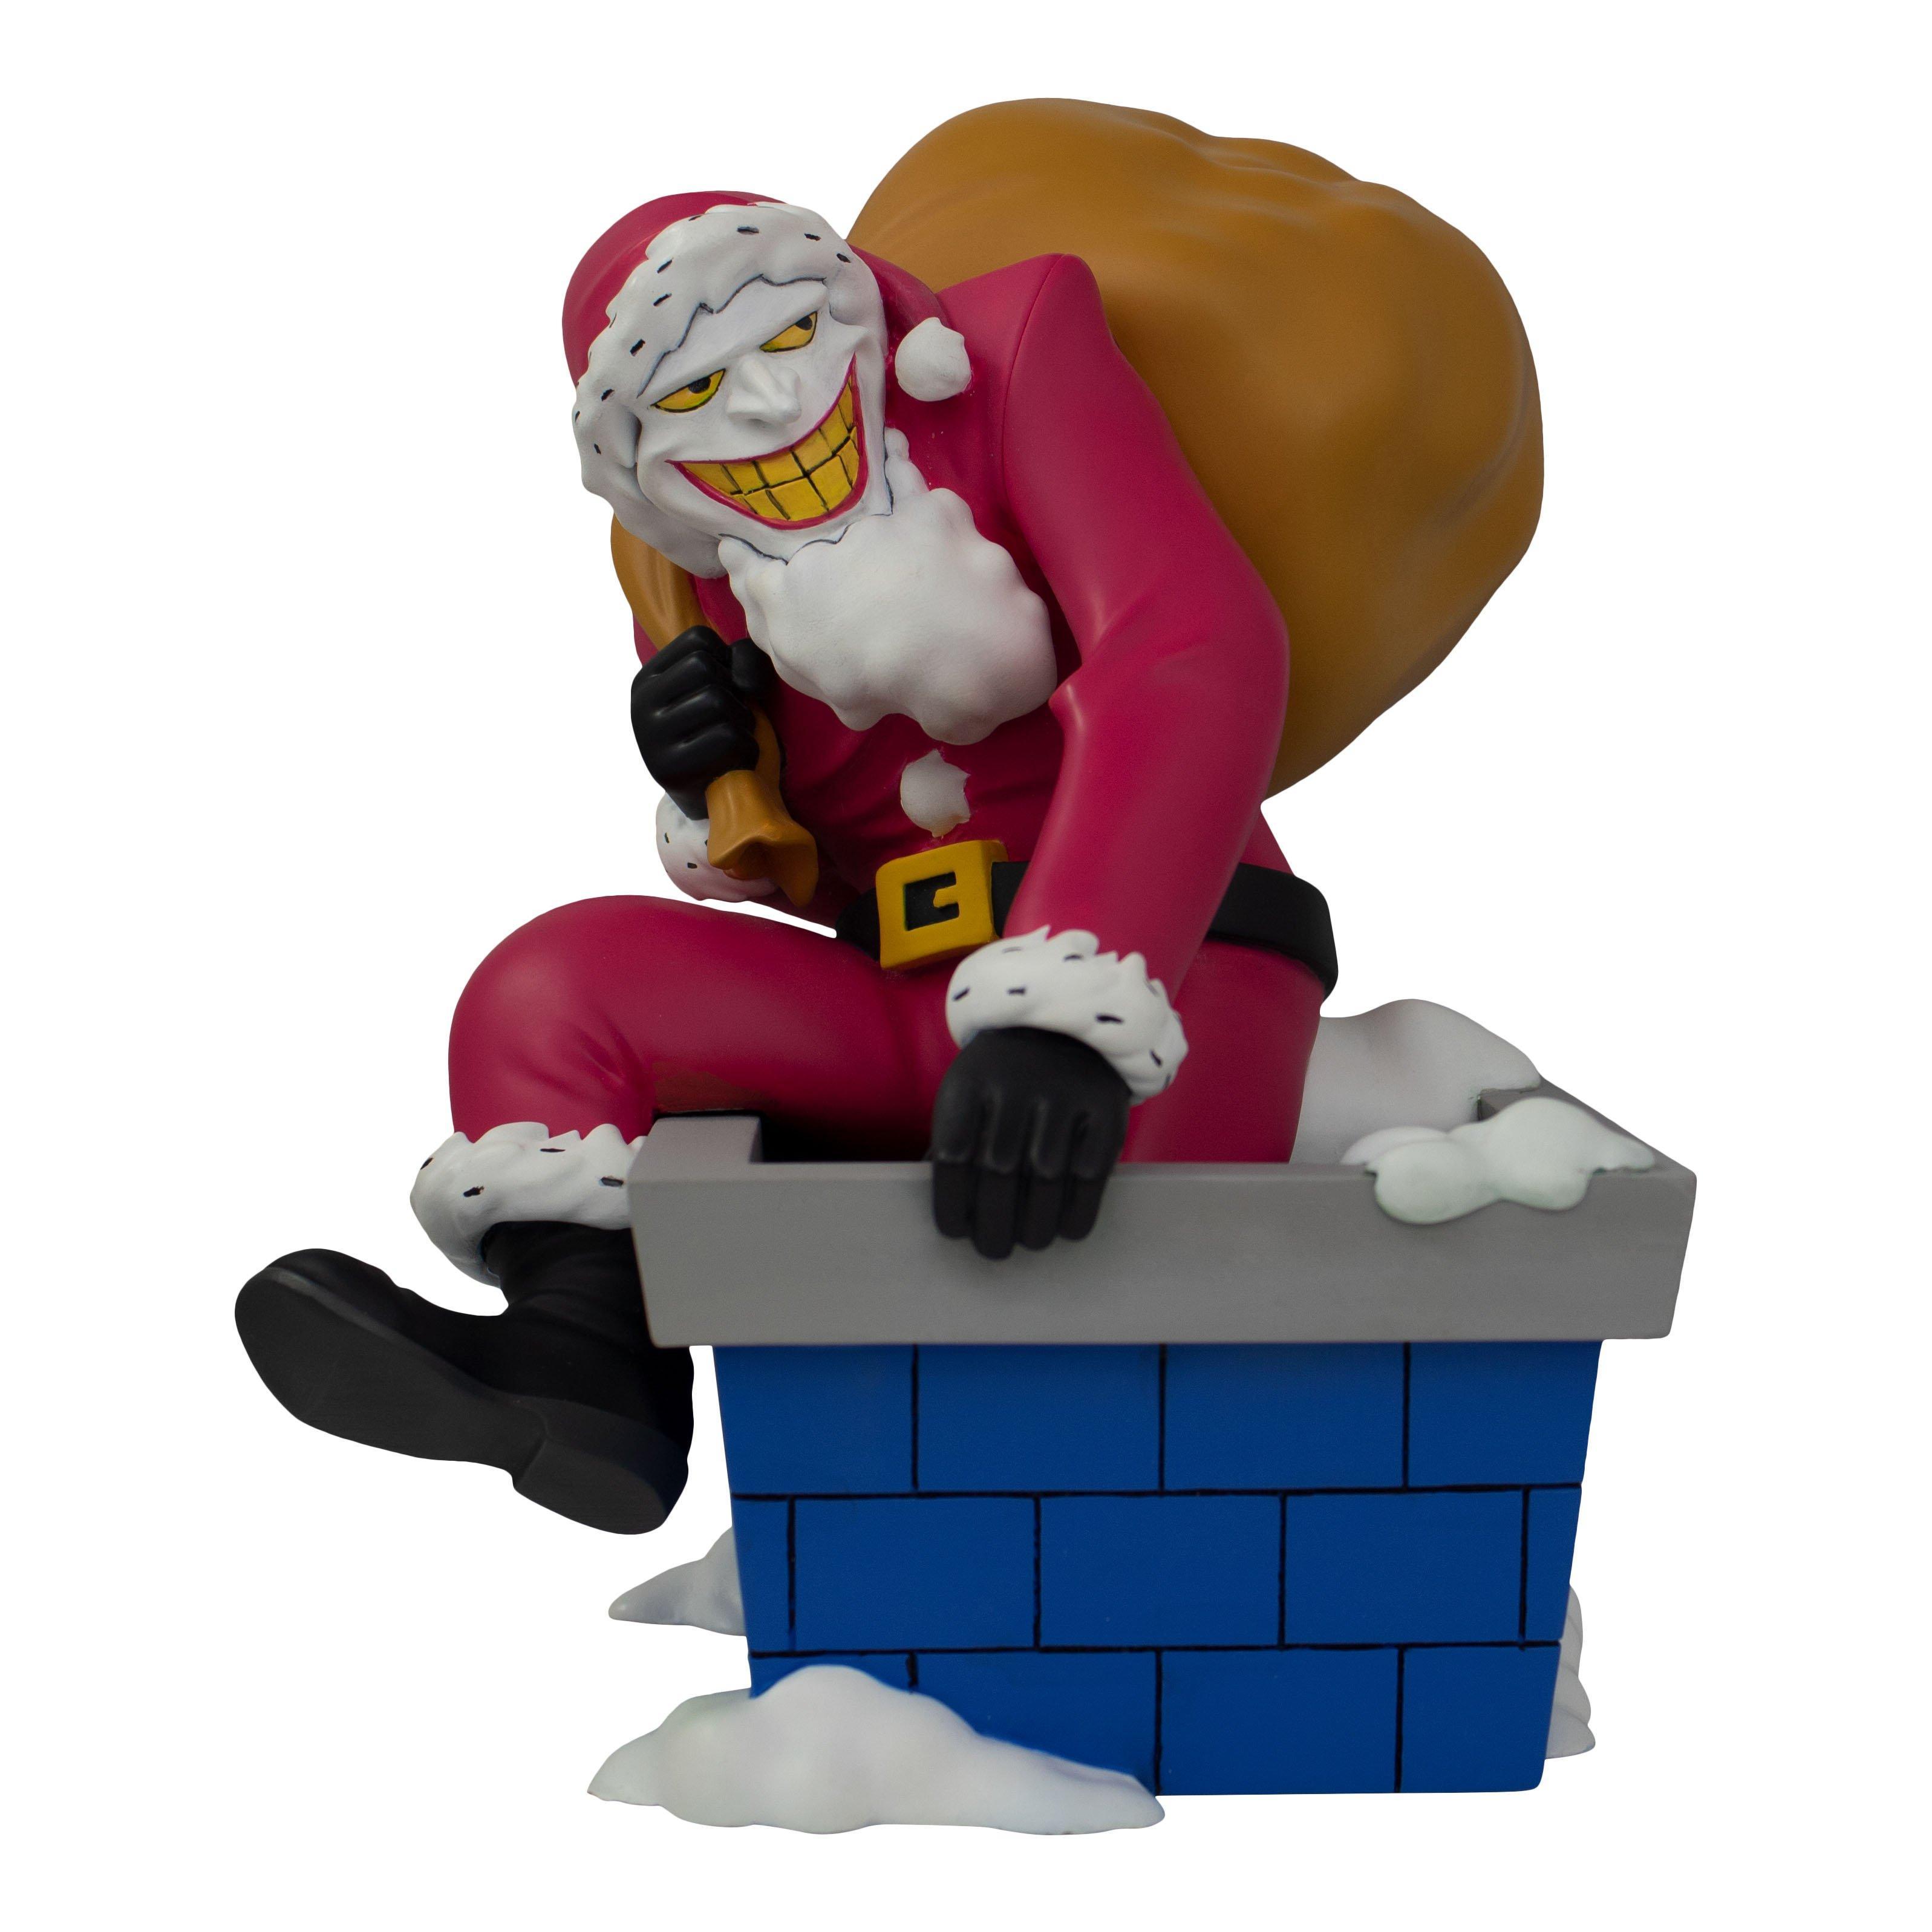 Dc Comics Batman The Animated Series Santa Joker Statue Only At Gamestop Gamestop